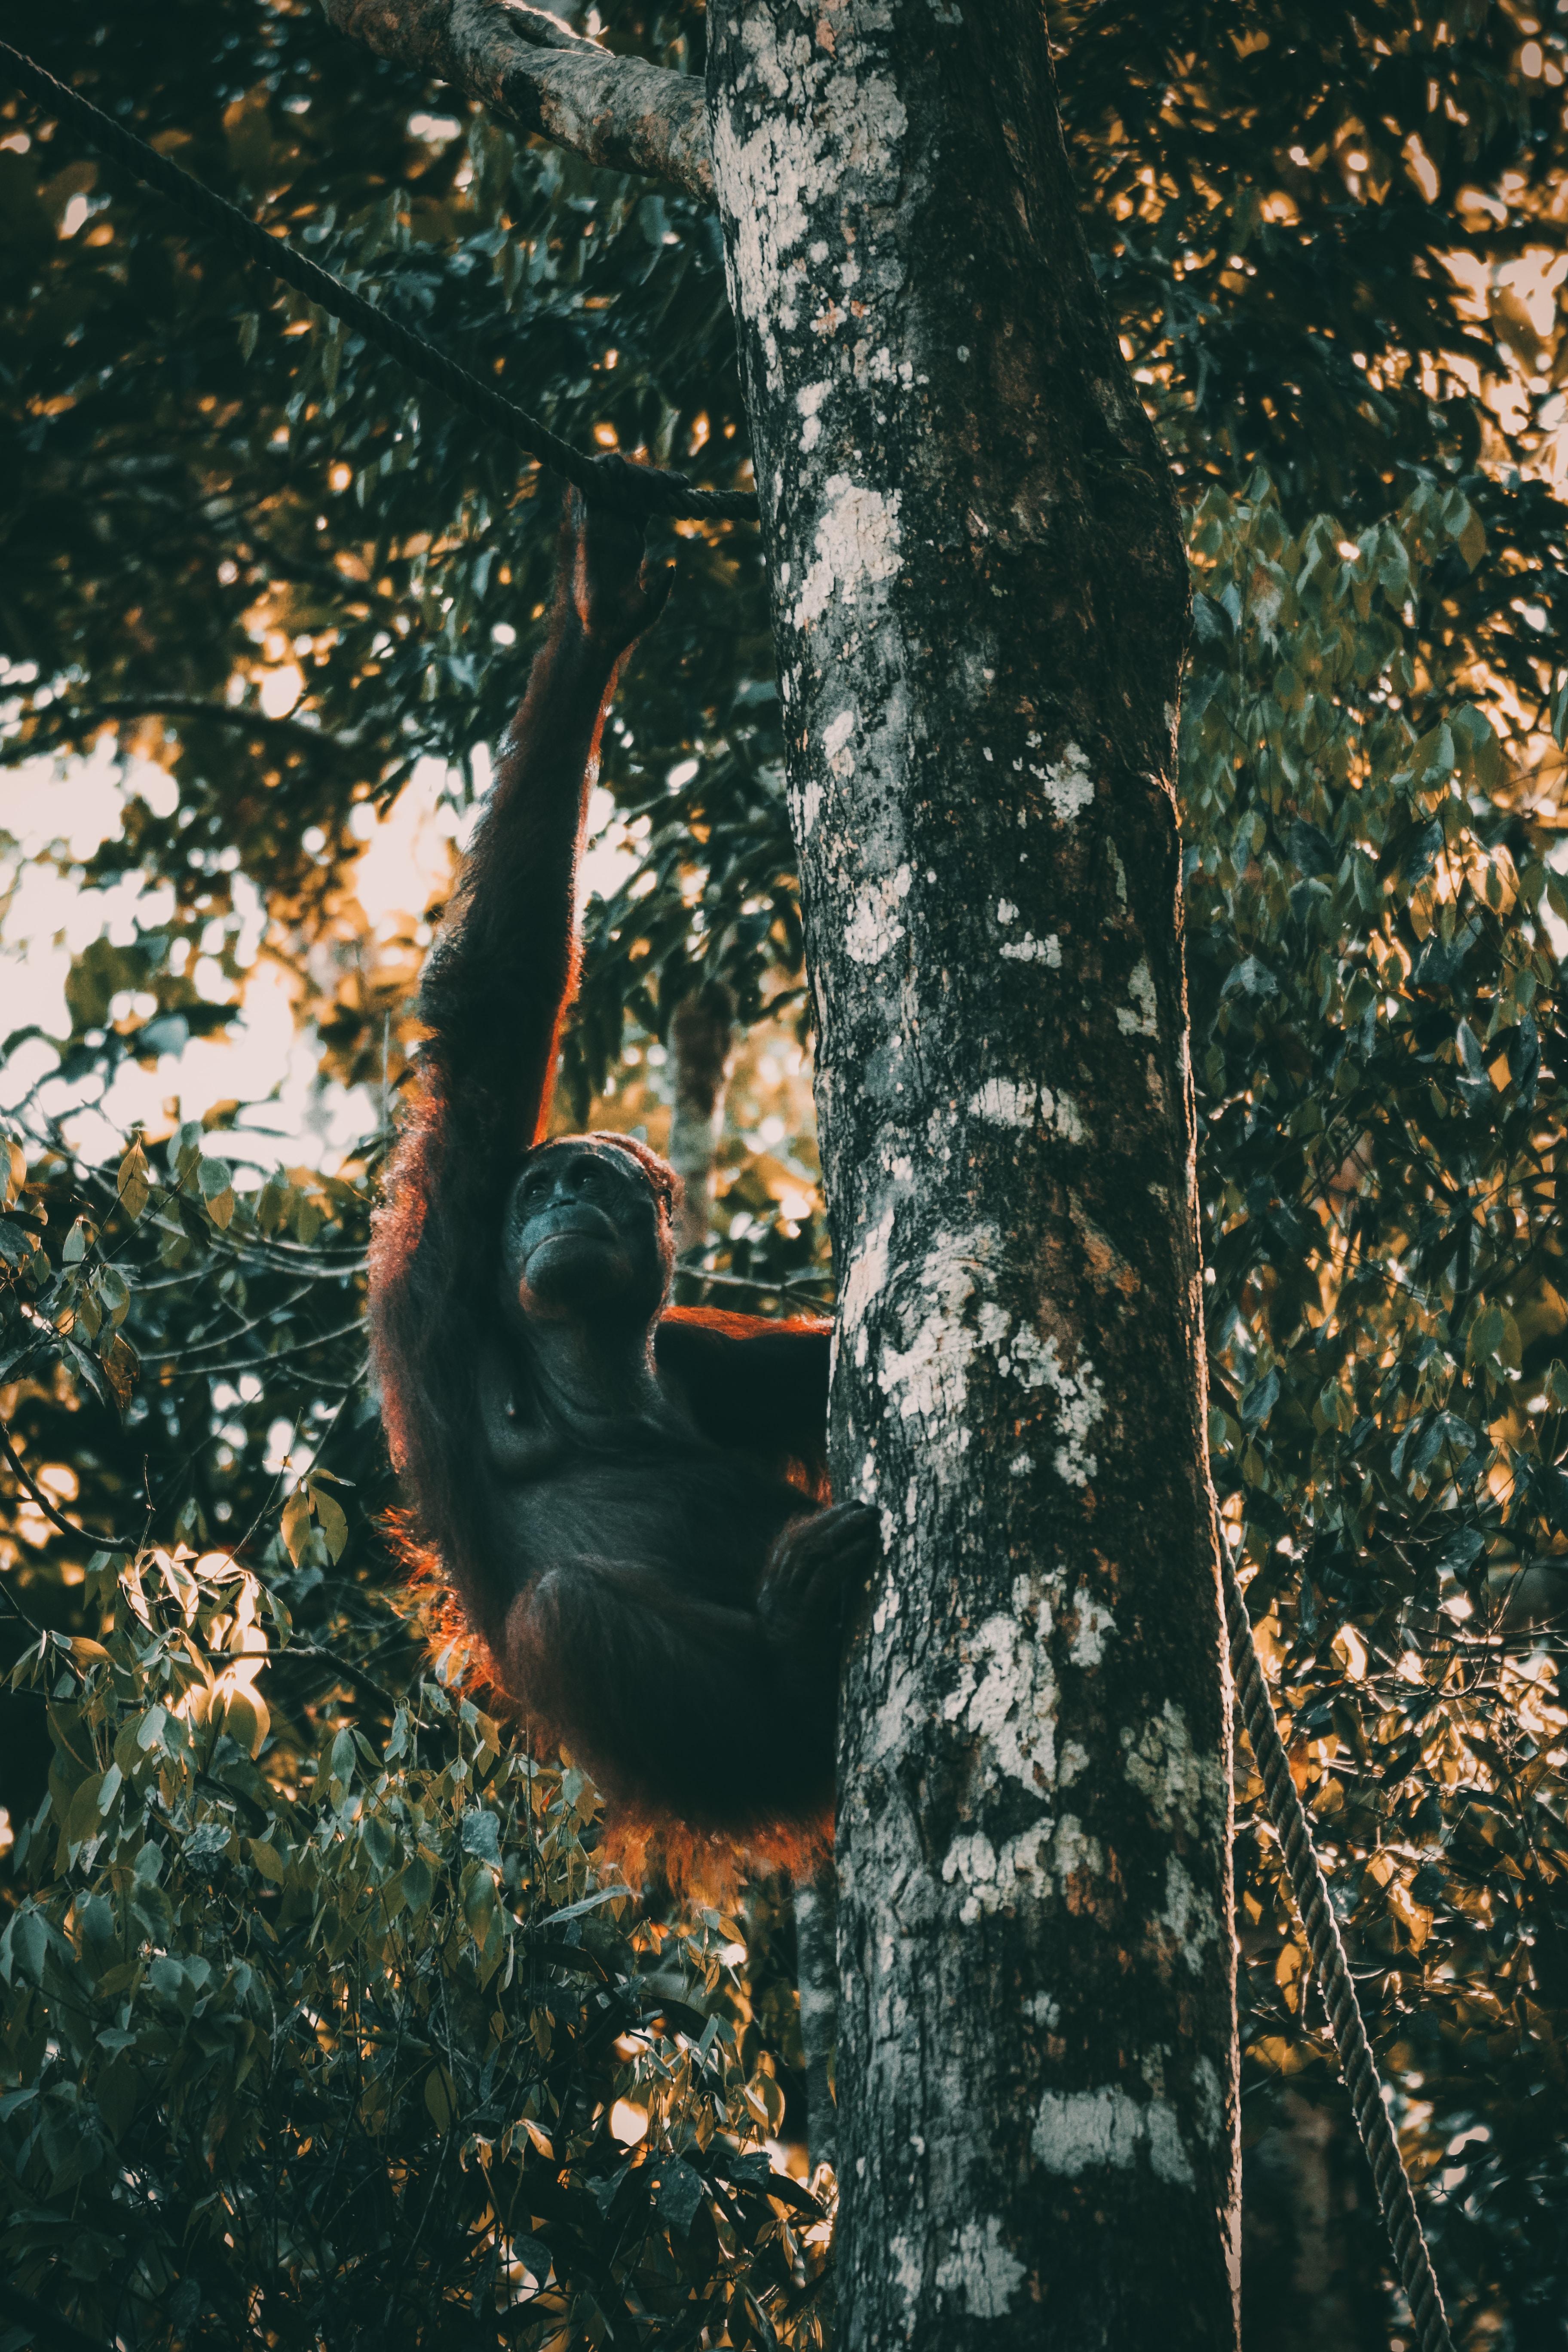 monkey on tree at daytime